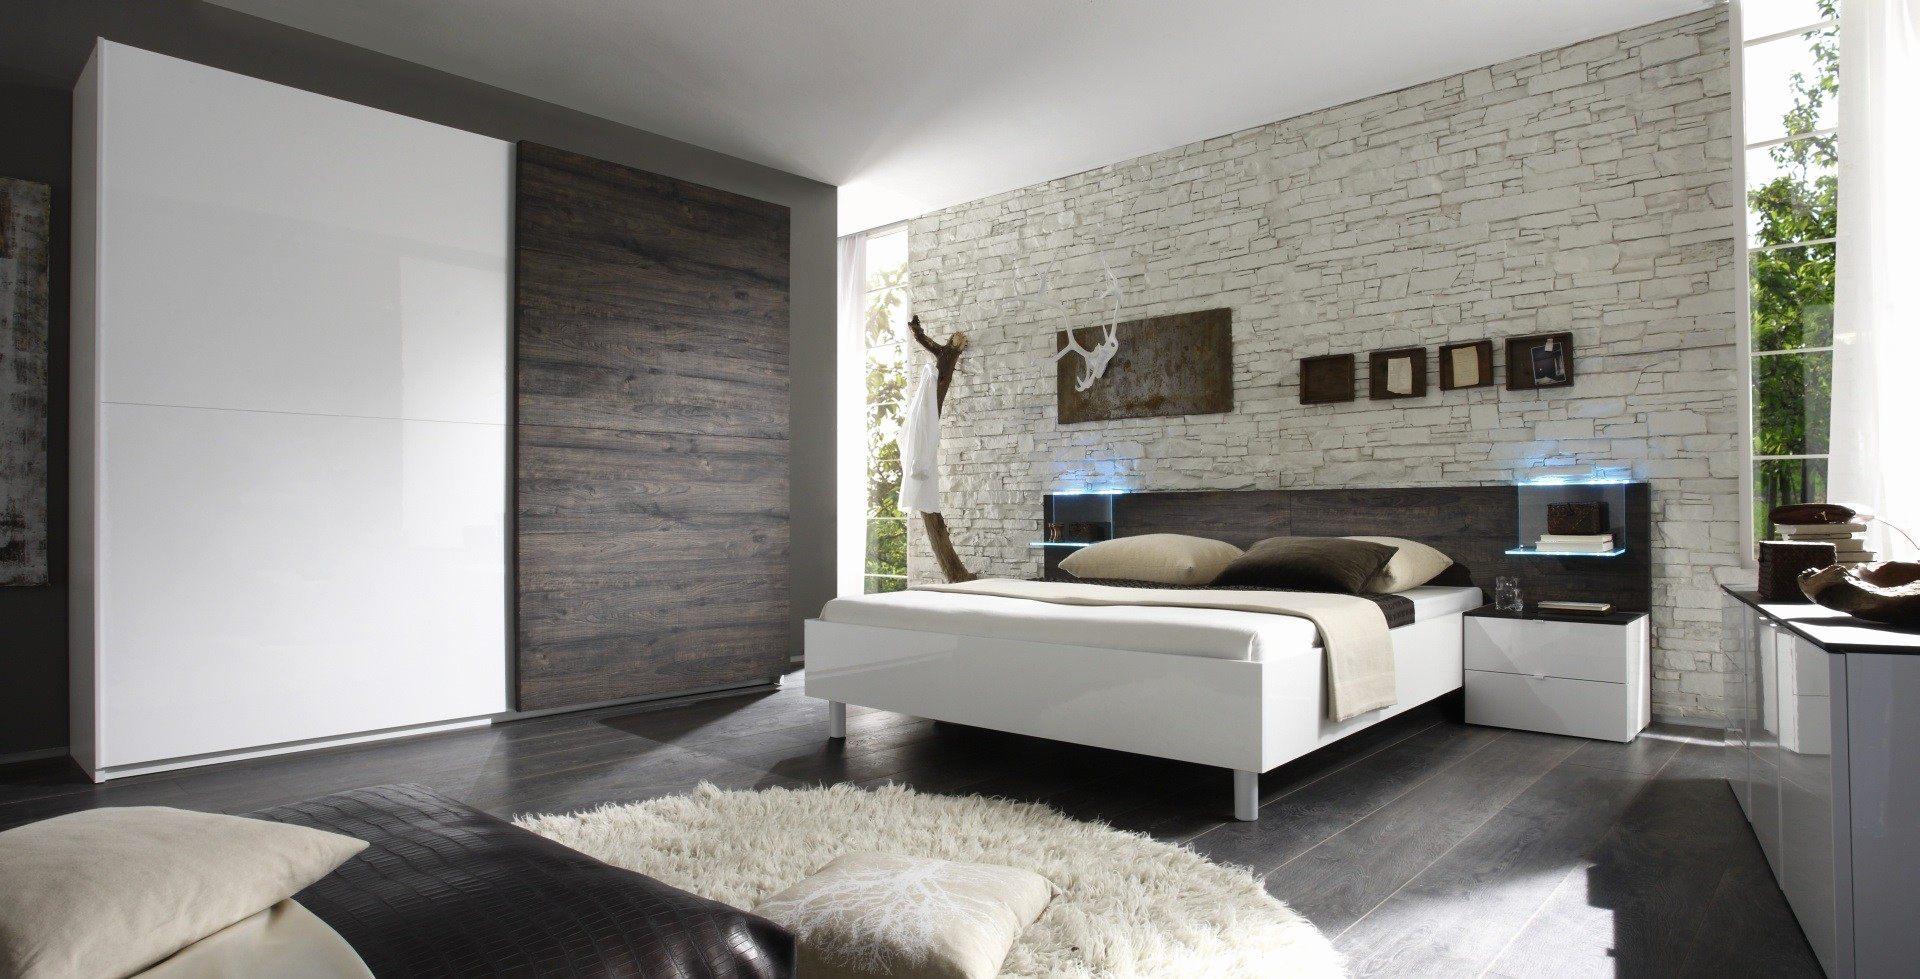 Lit Design Led 160×200 Magnifique Lit Adulte Led Beau Lit Moderne Best Wilde Wellen 0d Neat De Lit